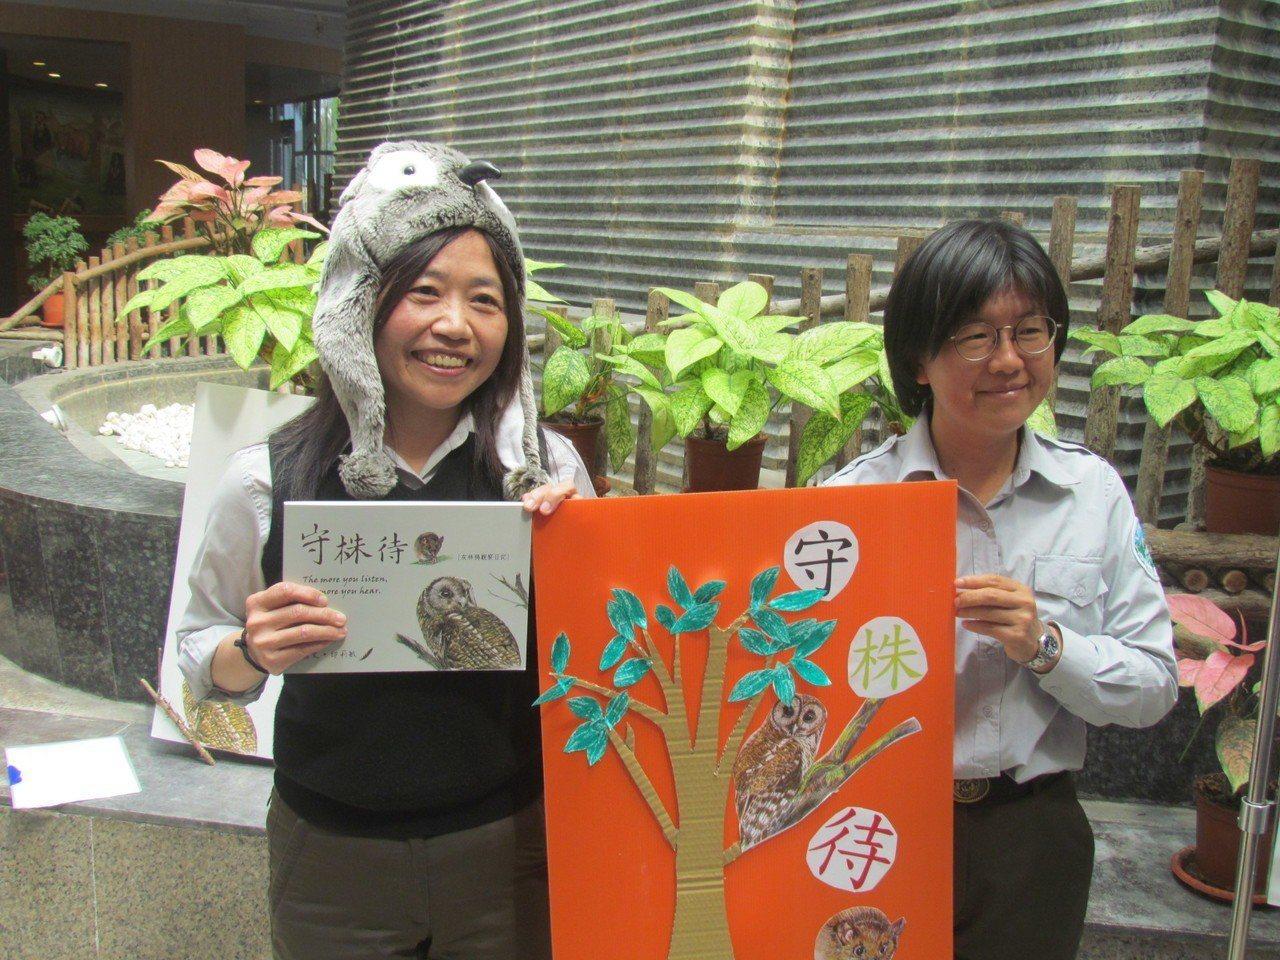 印莉敏(左)長時間觀察灰林鴞的生活習性,推出觀察日記「守株待鼠」。記者張家樂/攝...